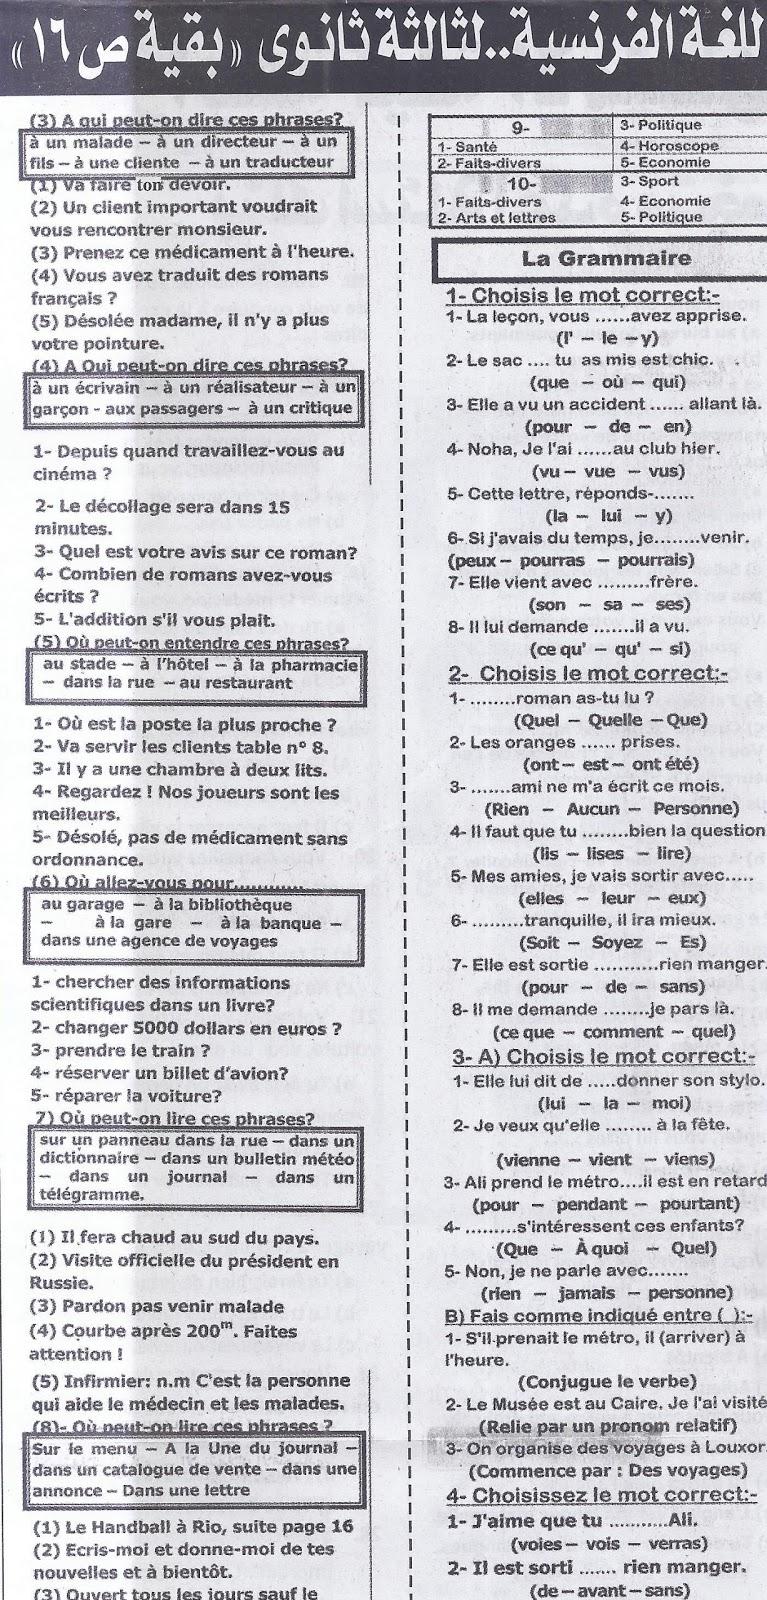 أهم أسئلة اللغة الفرنسية المتوقعة لامتحان الثانوية العامة 2016 بالاجابات  8